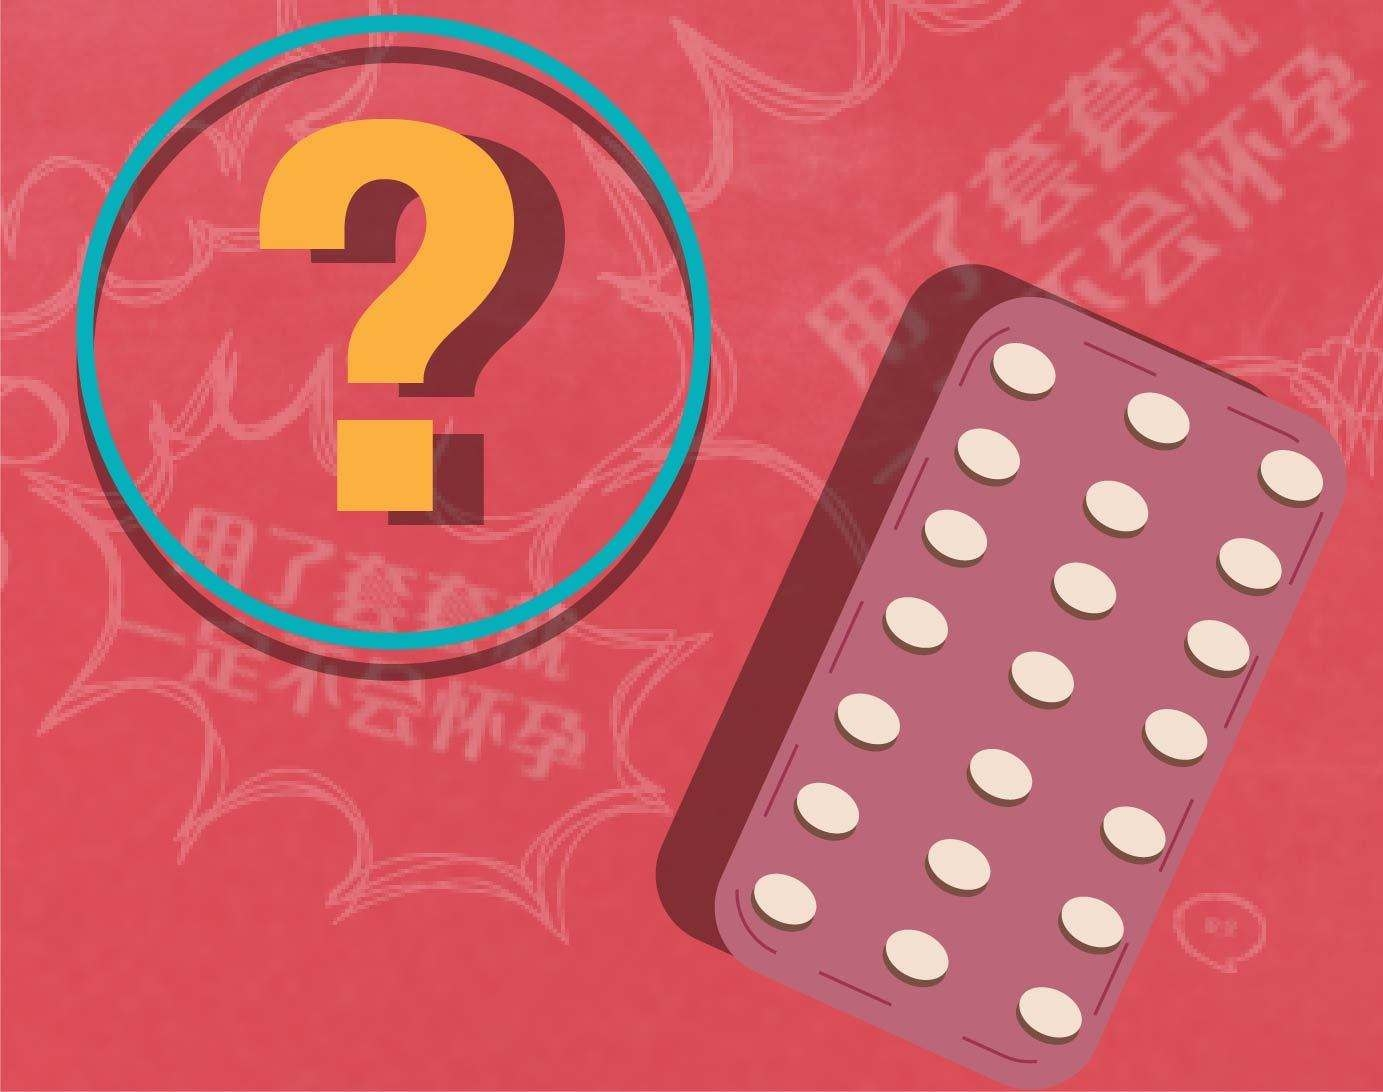 短效避孕药使用方法_女性避孕选短效避孕药真的安全无副作用吗?_孕激素